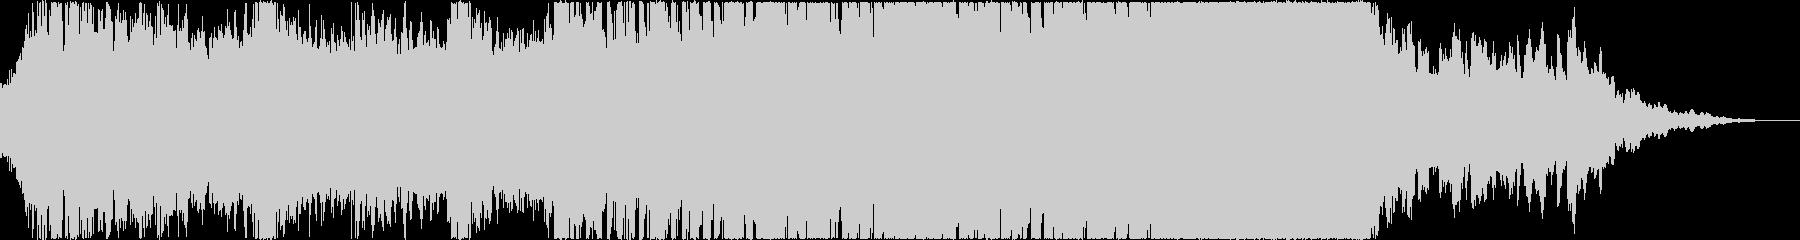 暗いショートムービーに使えるホラーテクノの未再生の波形